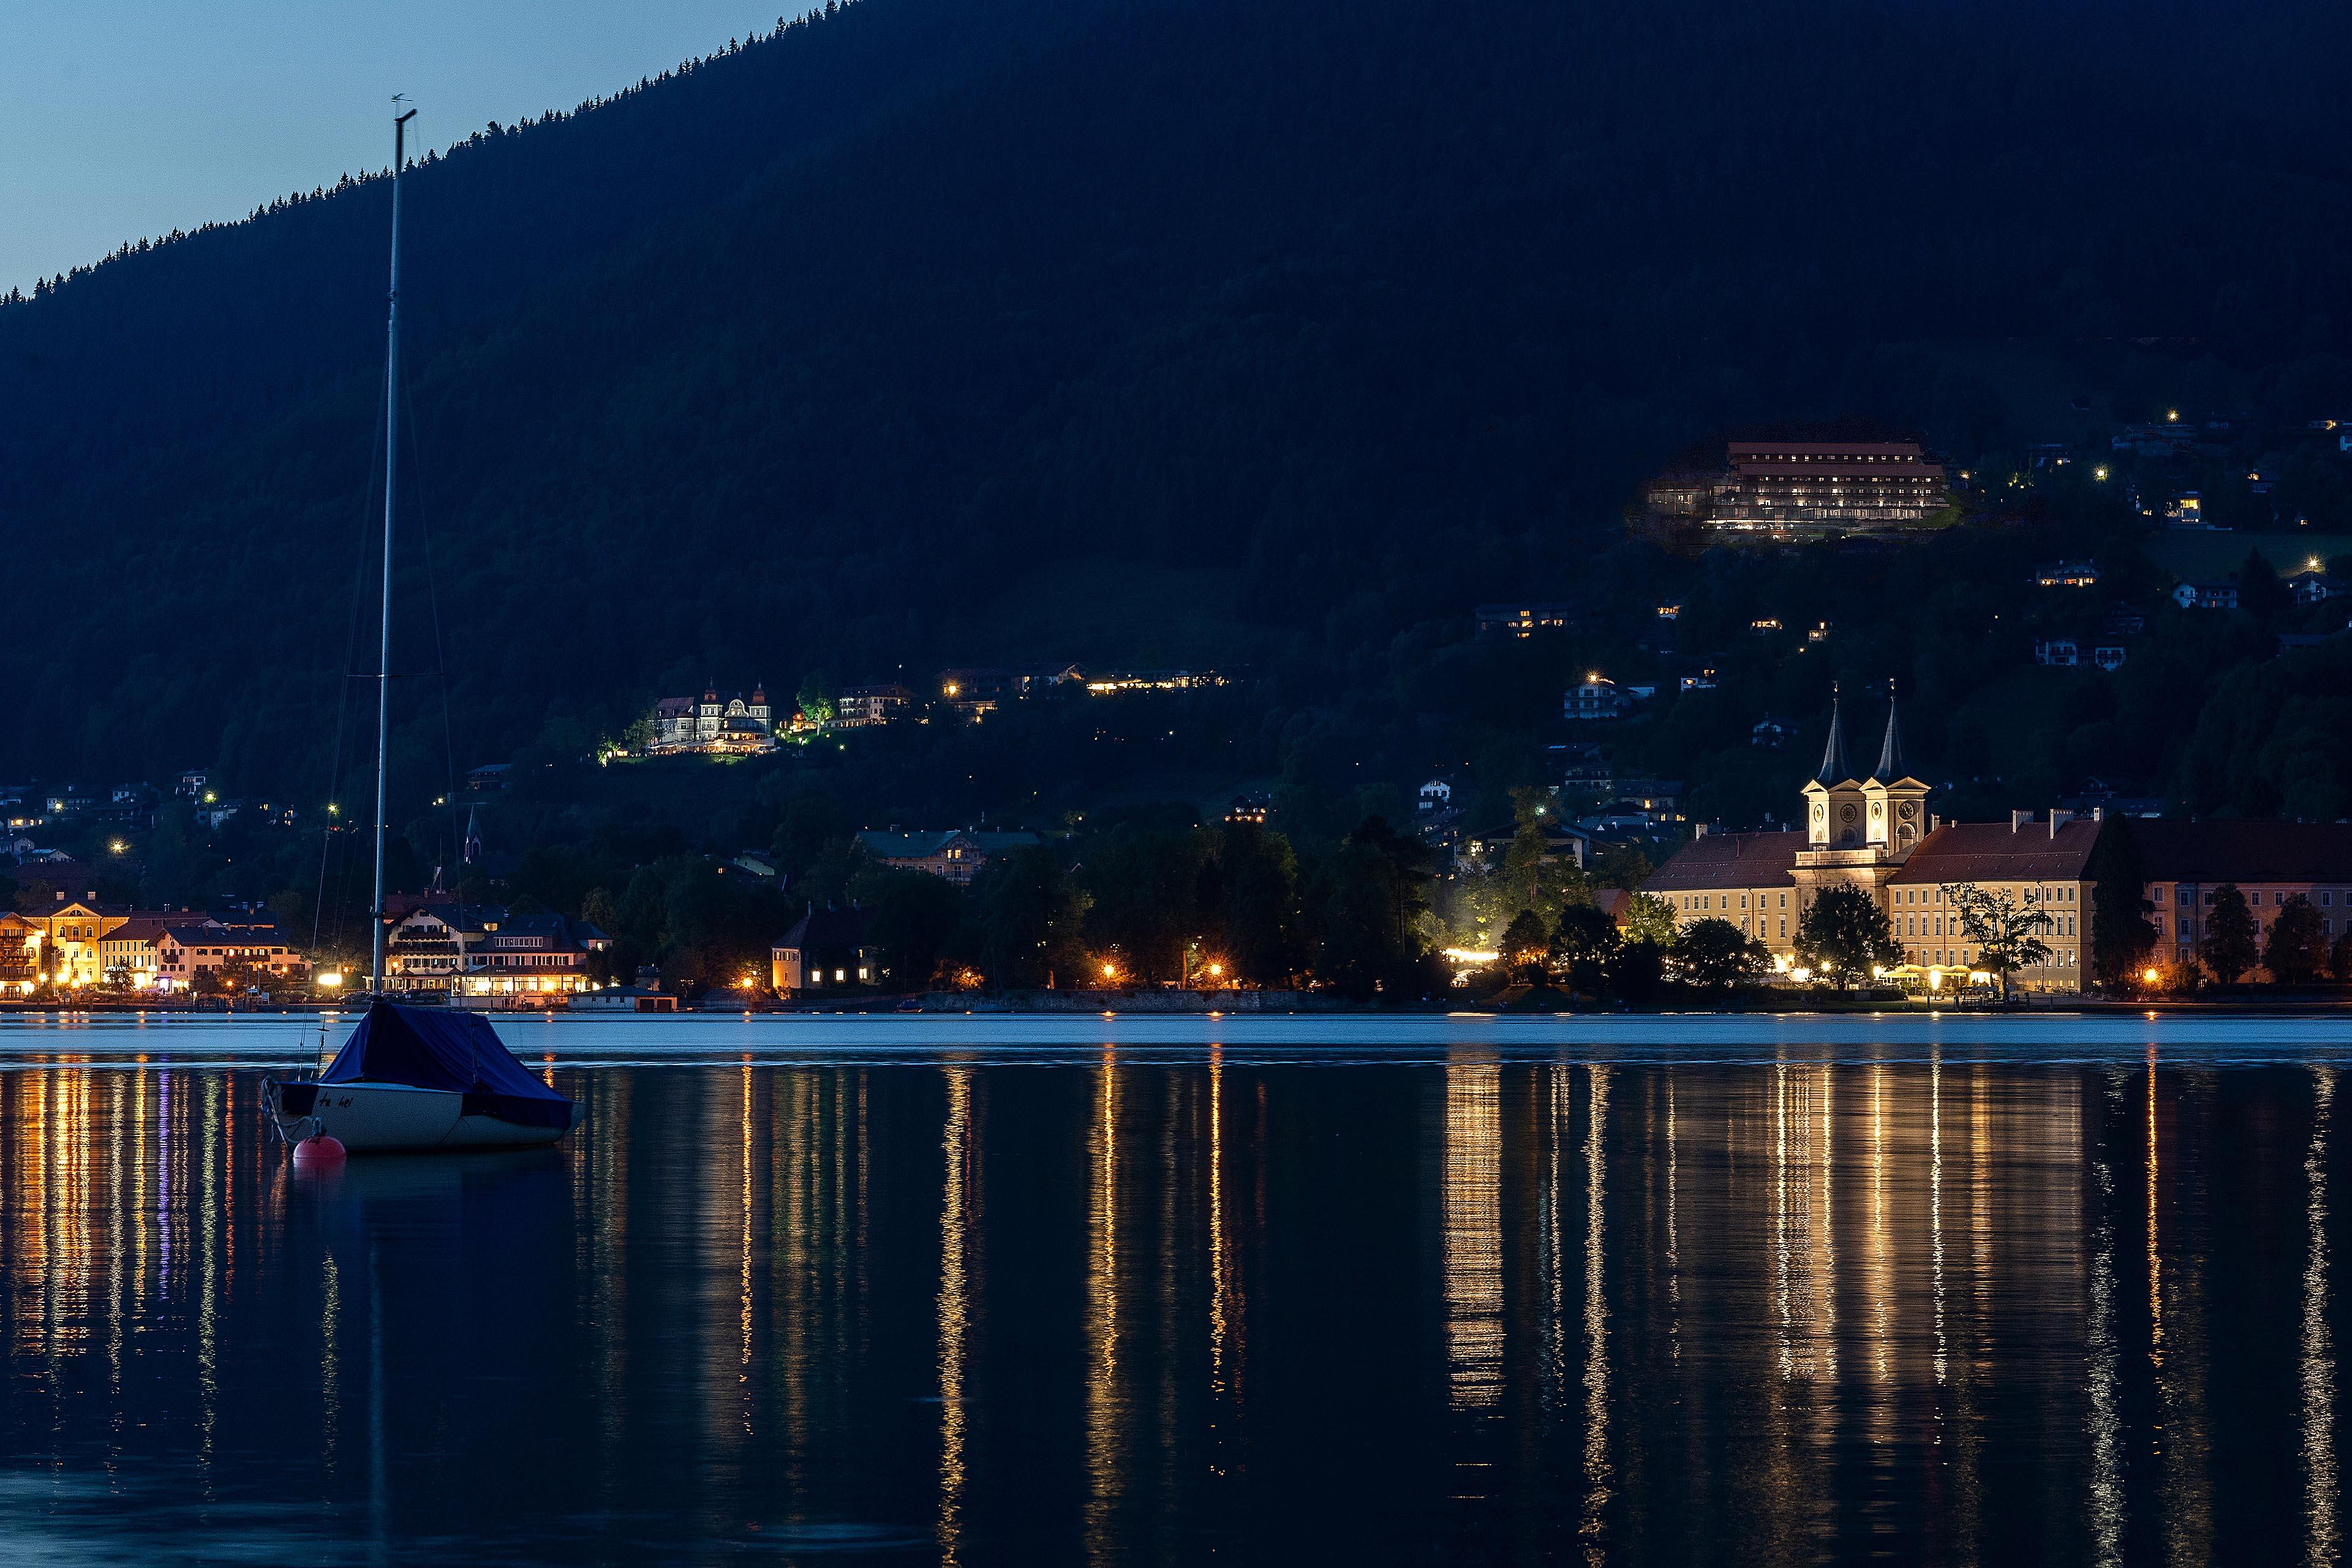 Nachtfoto Visualisierung Hotel Westerhof, Tegernsee